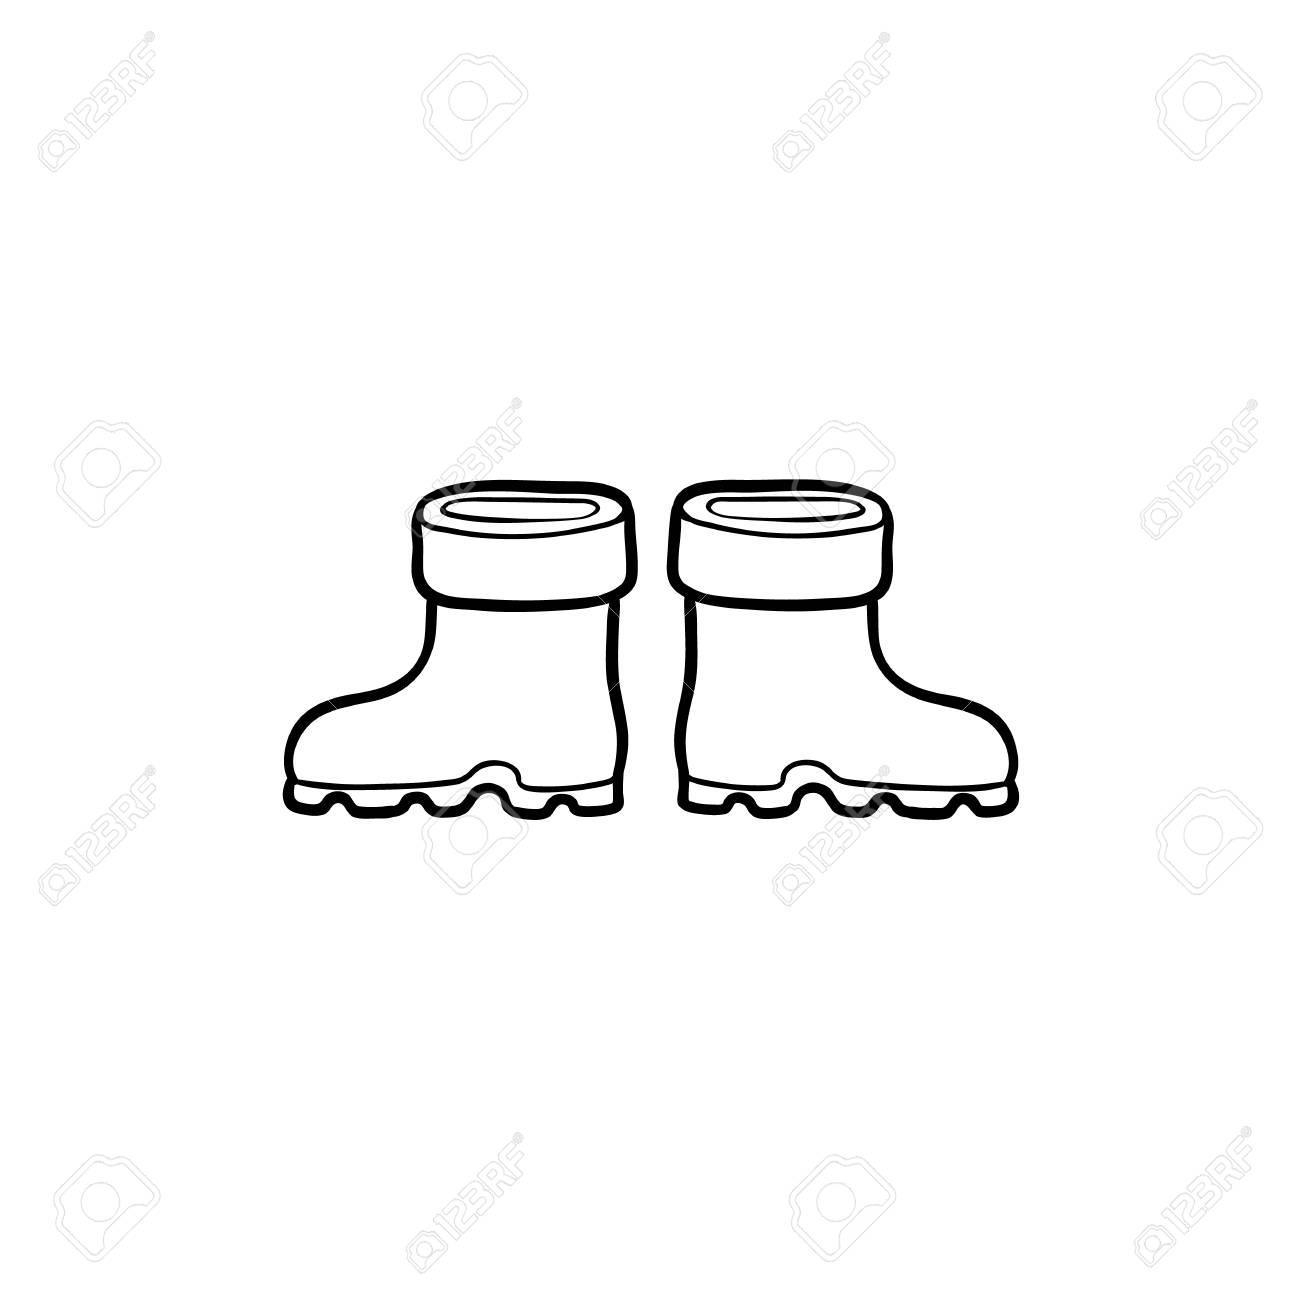 Blanc Enfants VioletChaussure Bébé La Rose Plat Décontractée Fond Caoutchouc Isolée AniméBottes Vecteur À Dessin ModeIllustration Sur En R4Lc3A5jqS